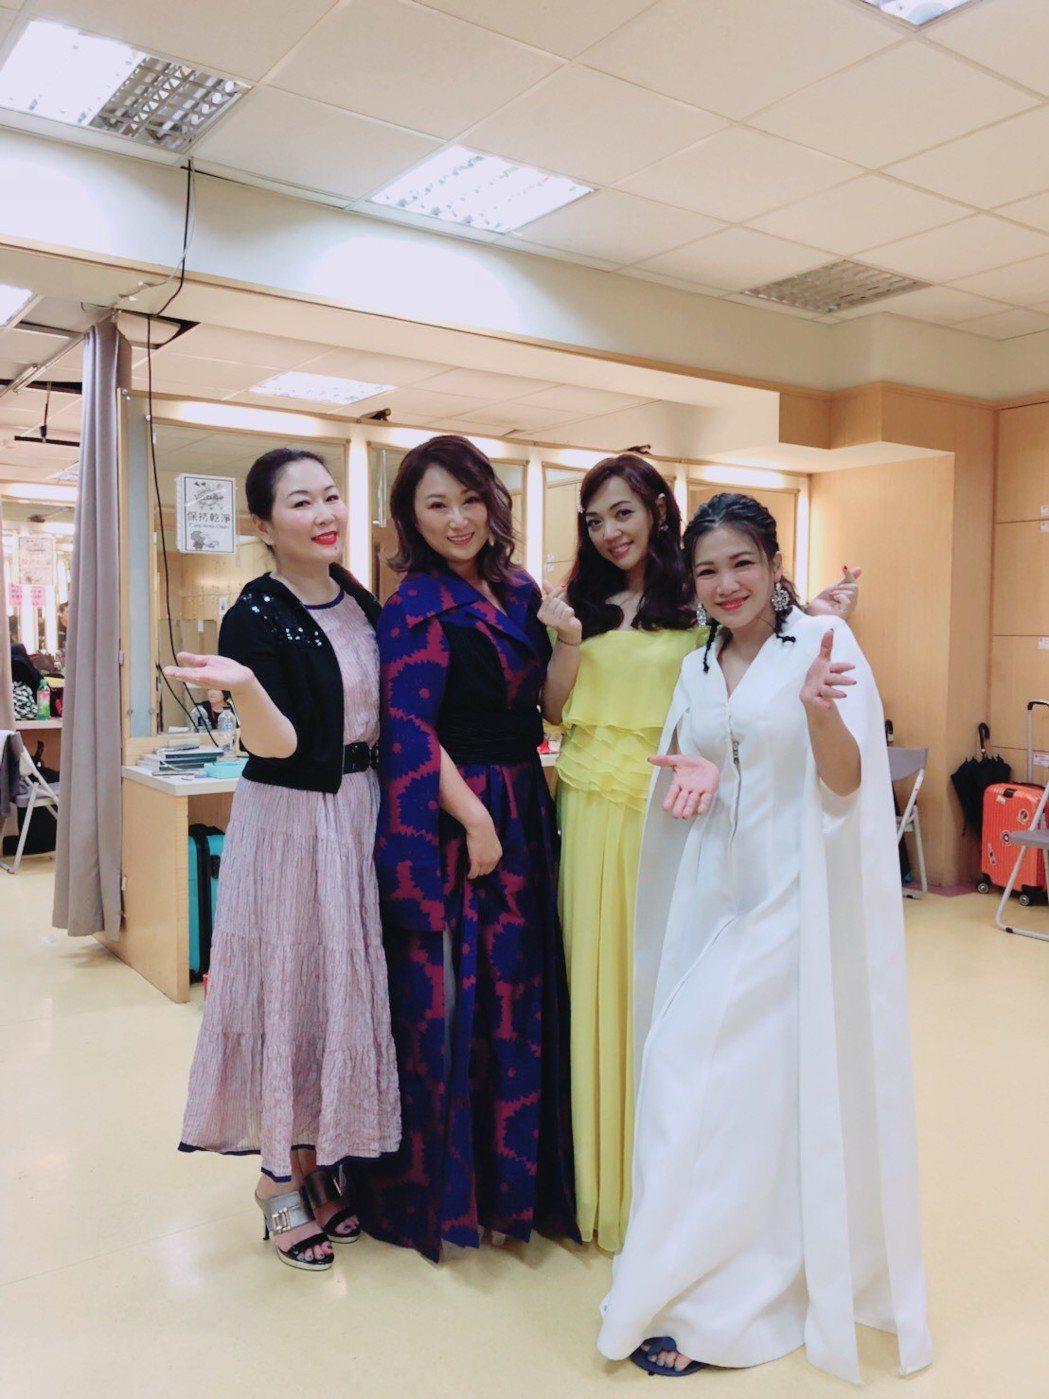 張秀卿(左起)到場支持好姐妹王瑞霞、秀蘭瑪雅、黃妃。圖/南星娛樂提供